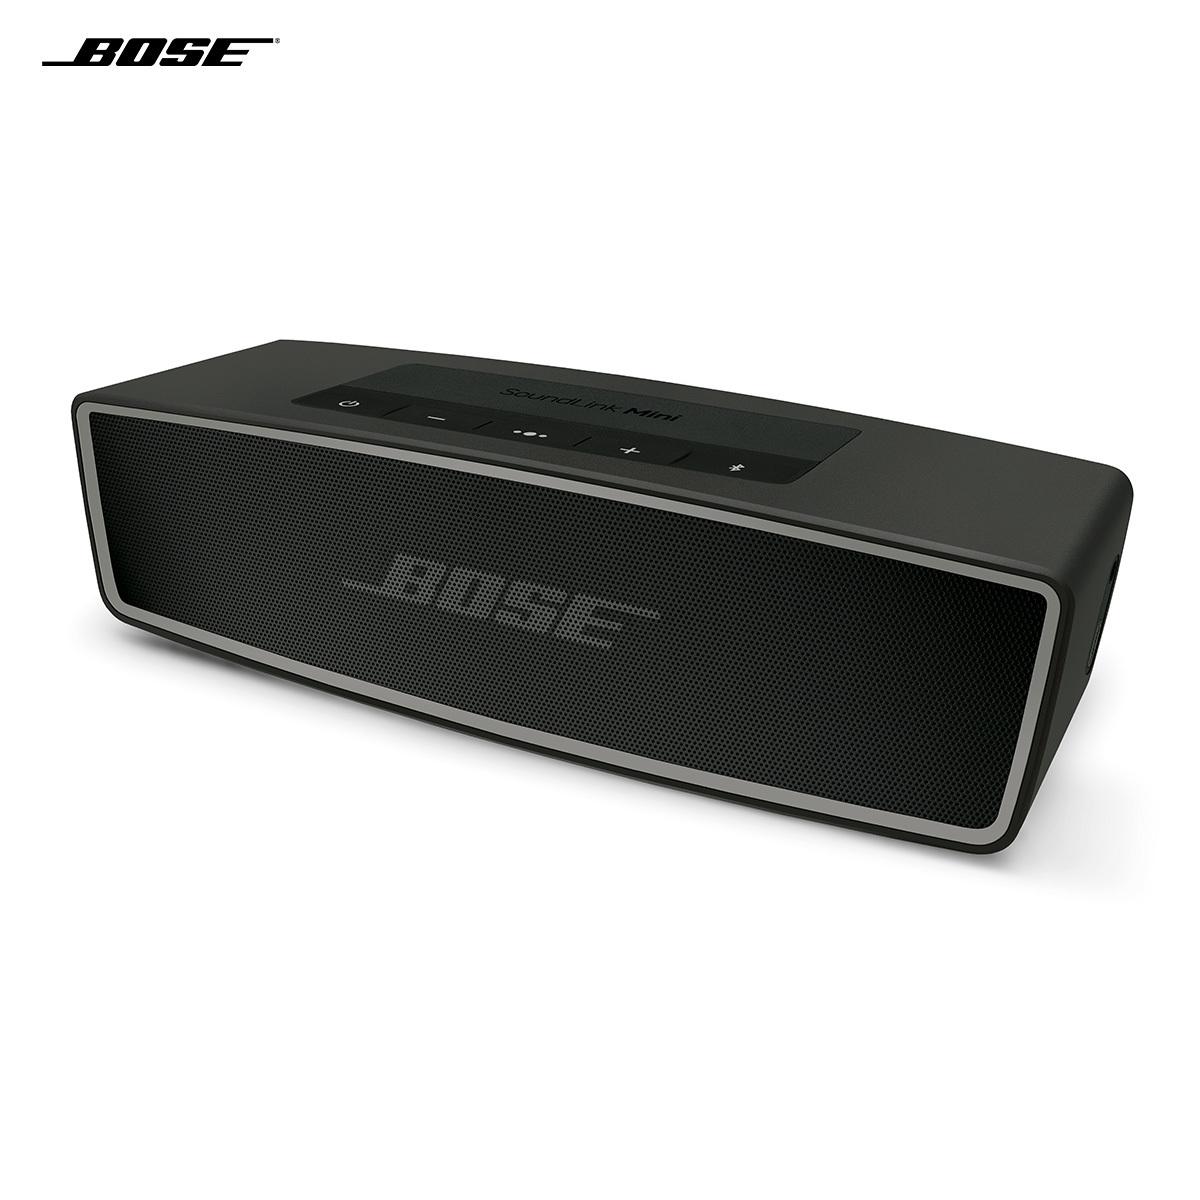 BOSE Soundlink Mini 蓝牙扬声器II 音箱怎么样,评测